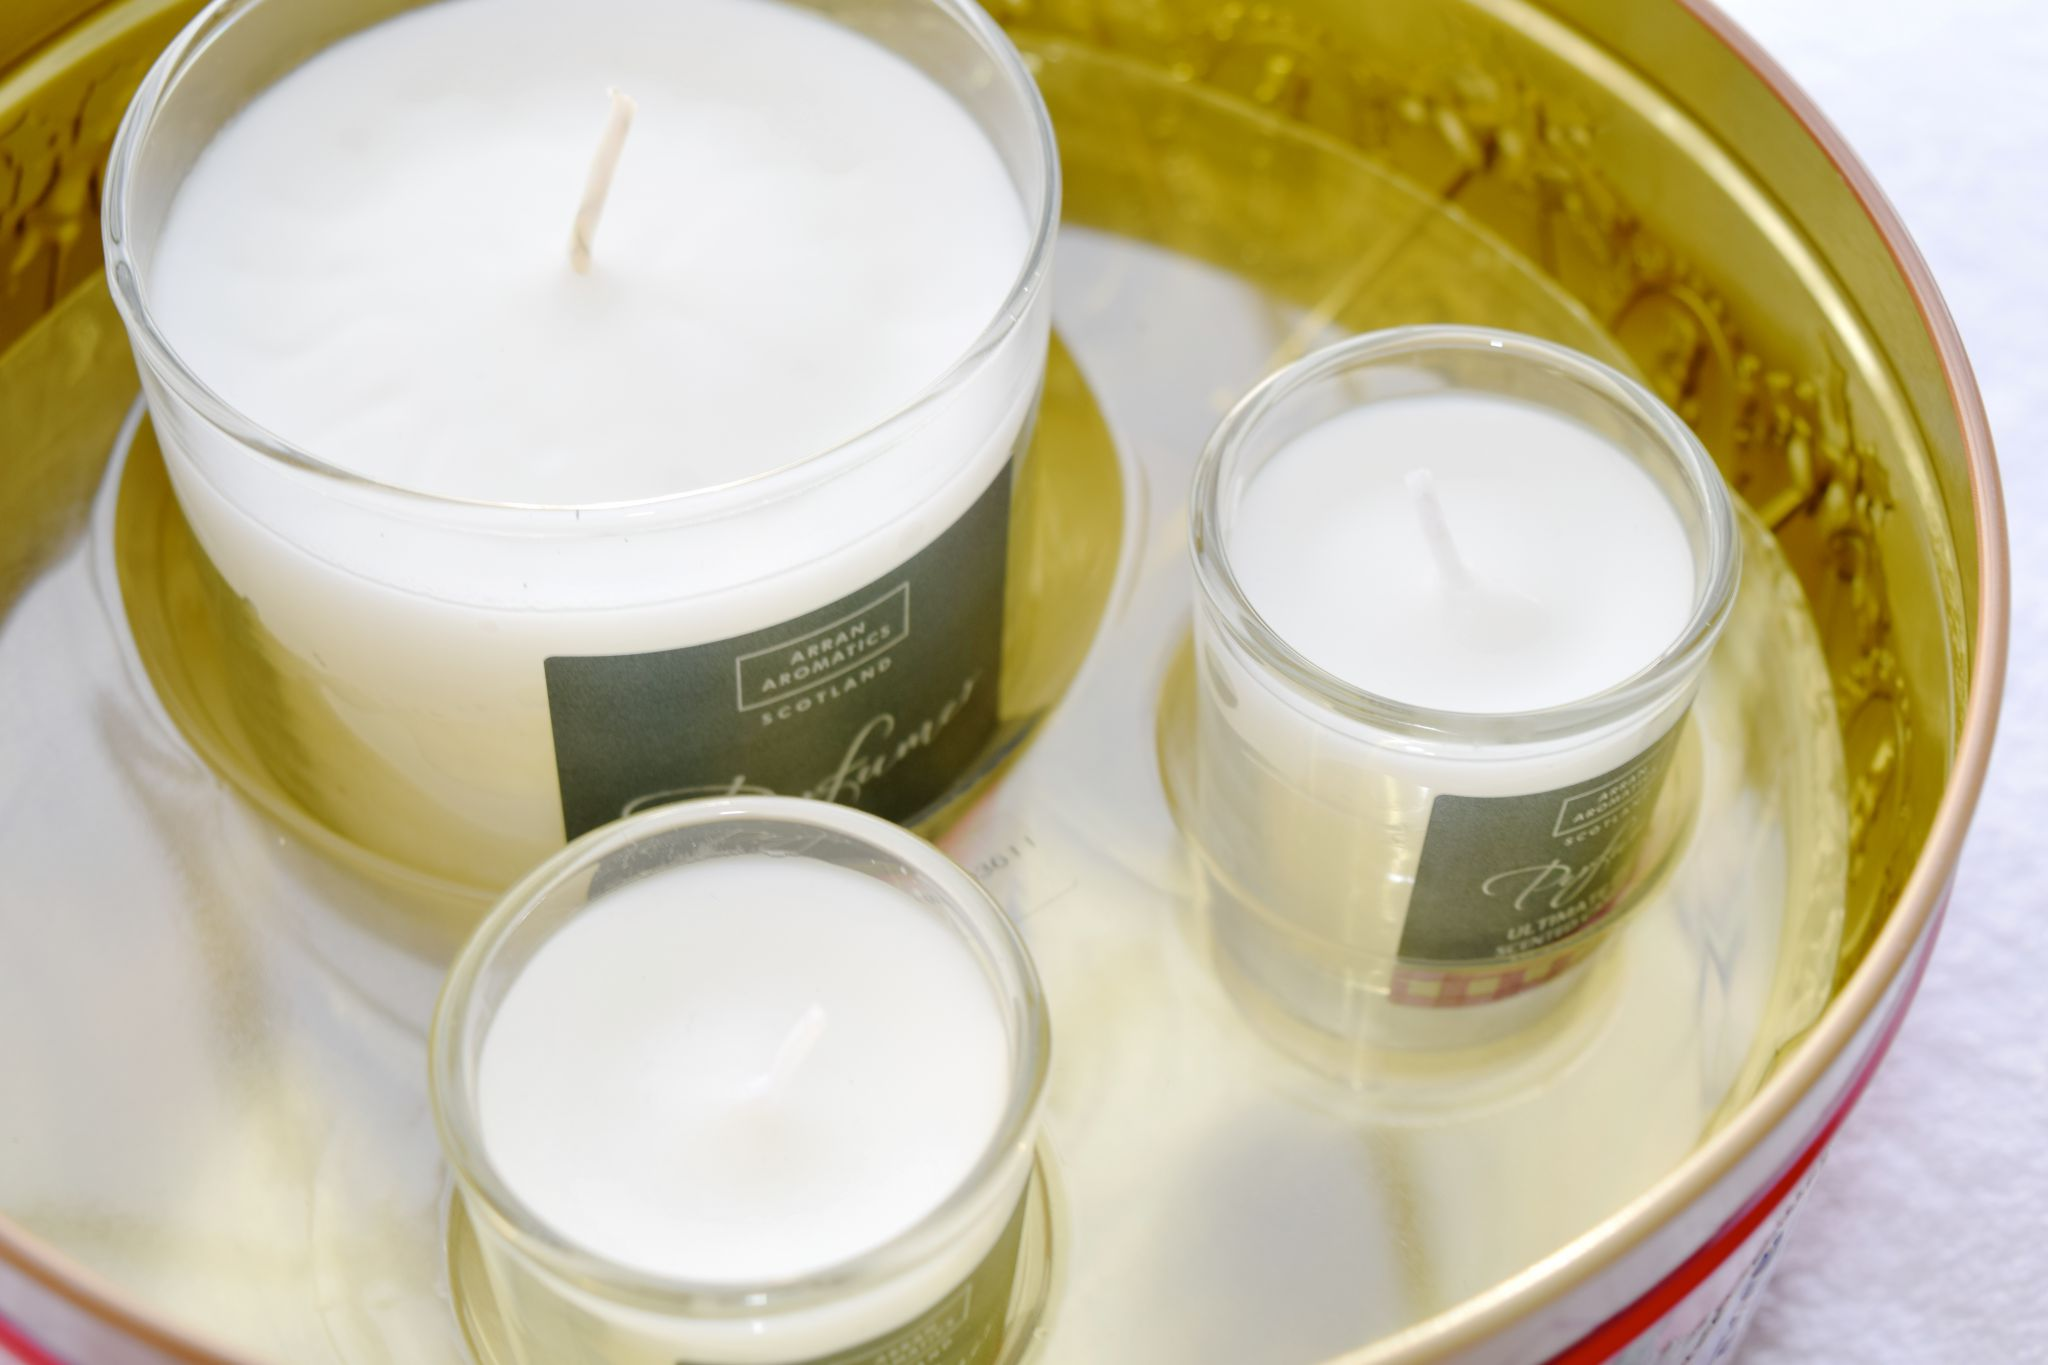 Arran Aromatics Light Up the Season 4